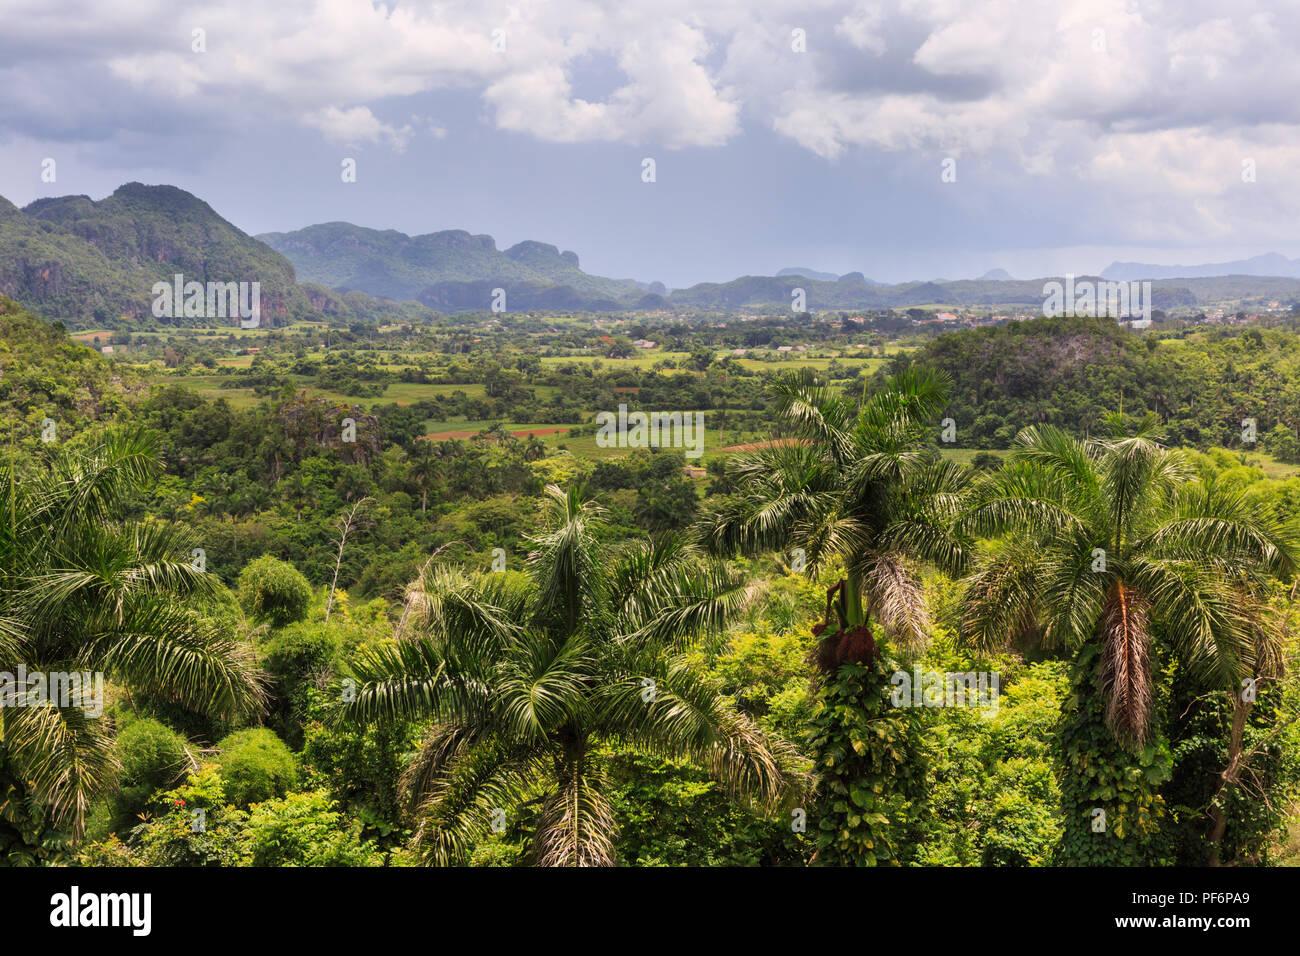 Valle di Viñales panorama, vista sul lussureggiante paesaggio verde, Pinar del Rio Provincia, Cuba Immagini Stock